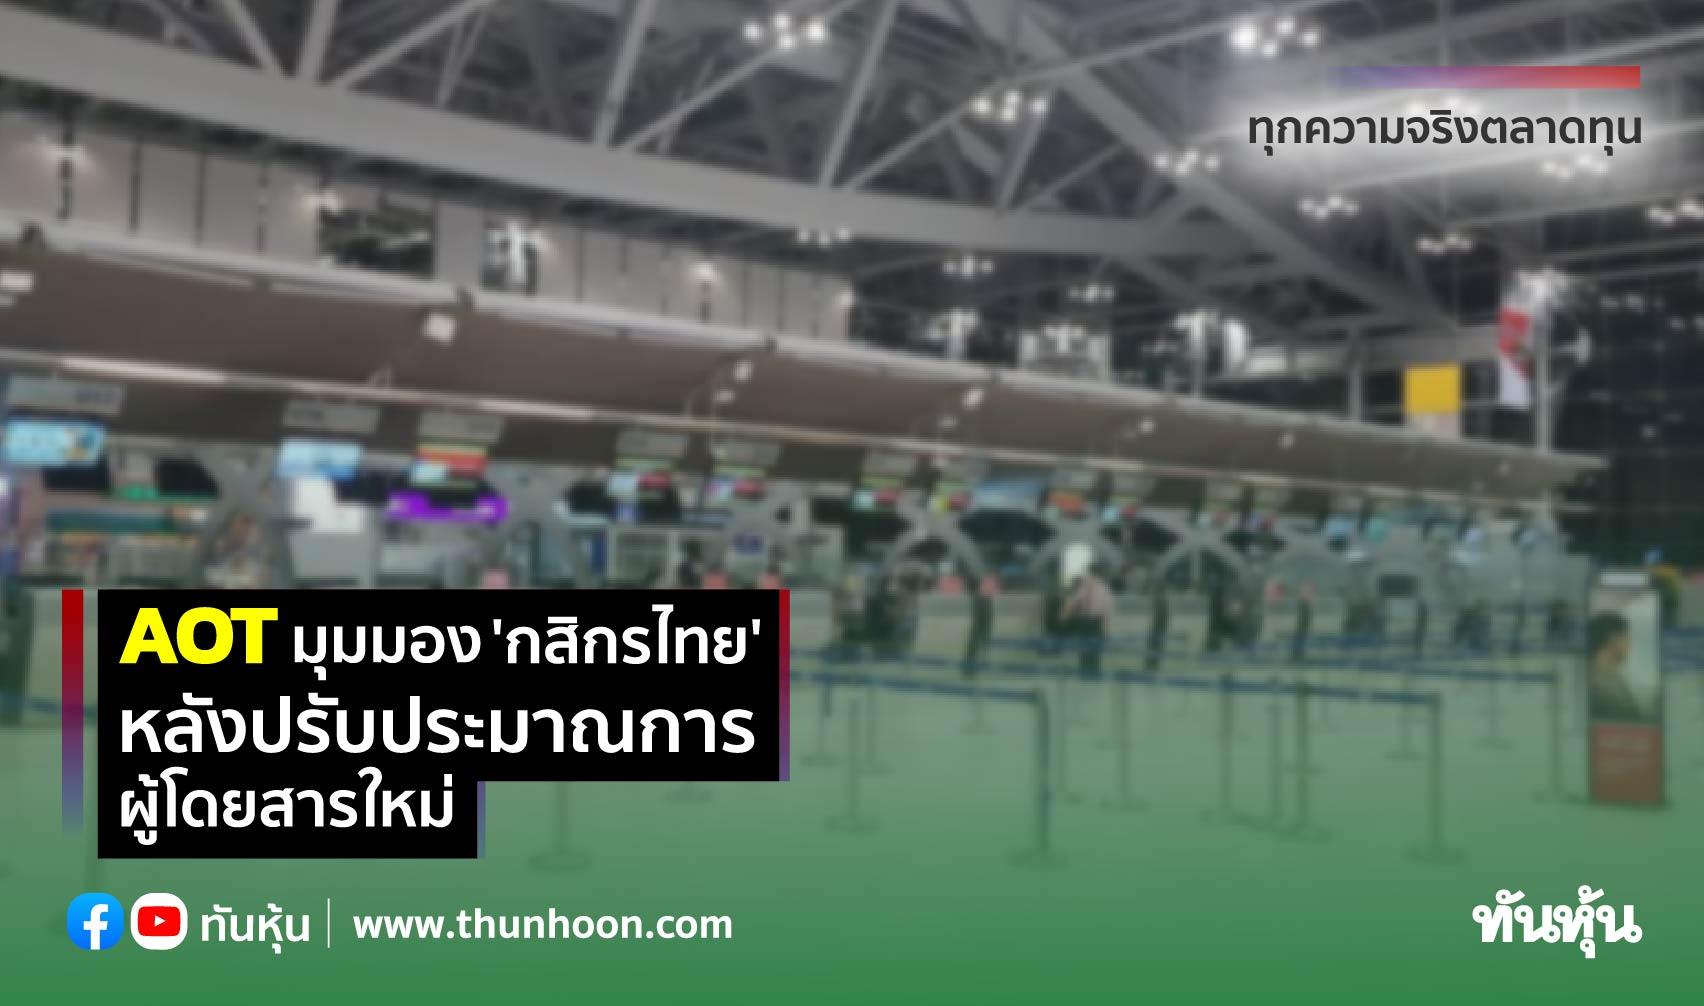 AOT มุมมอง 'กสิกรไทย' หลังปรับประมาณการผู้โดยสารใหม่